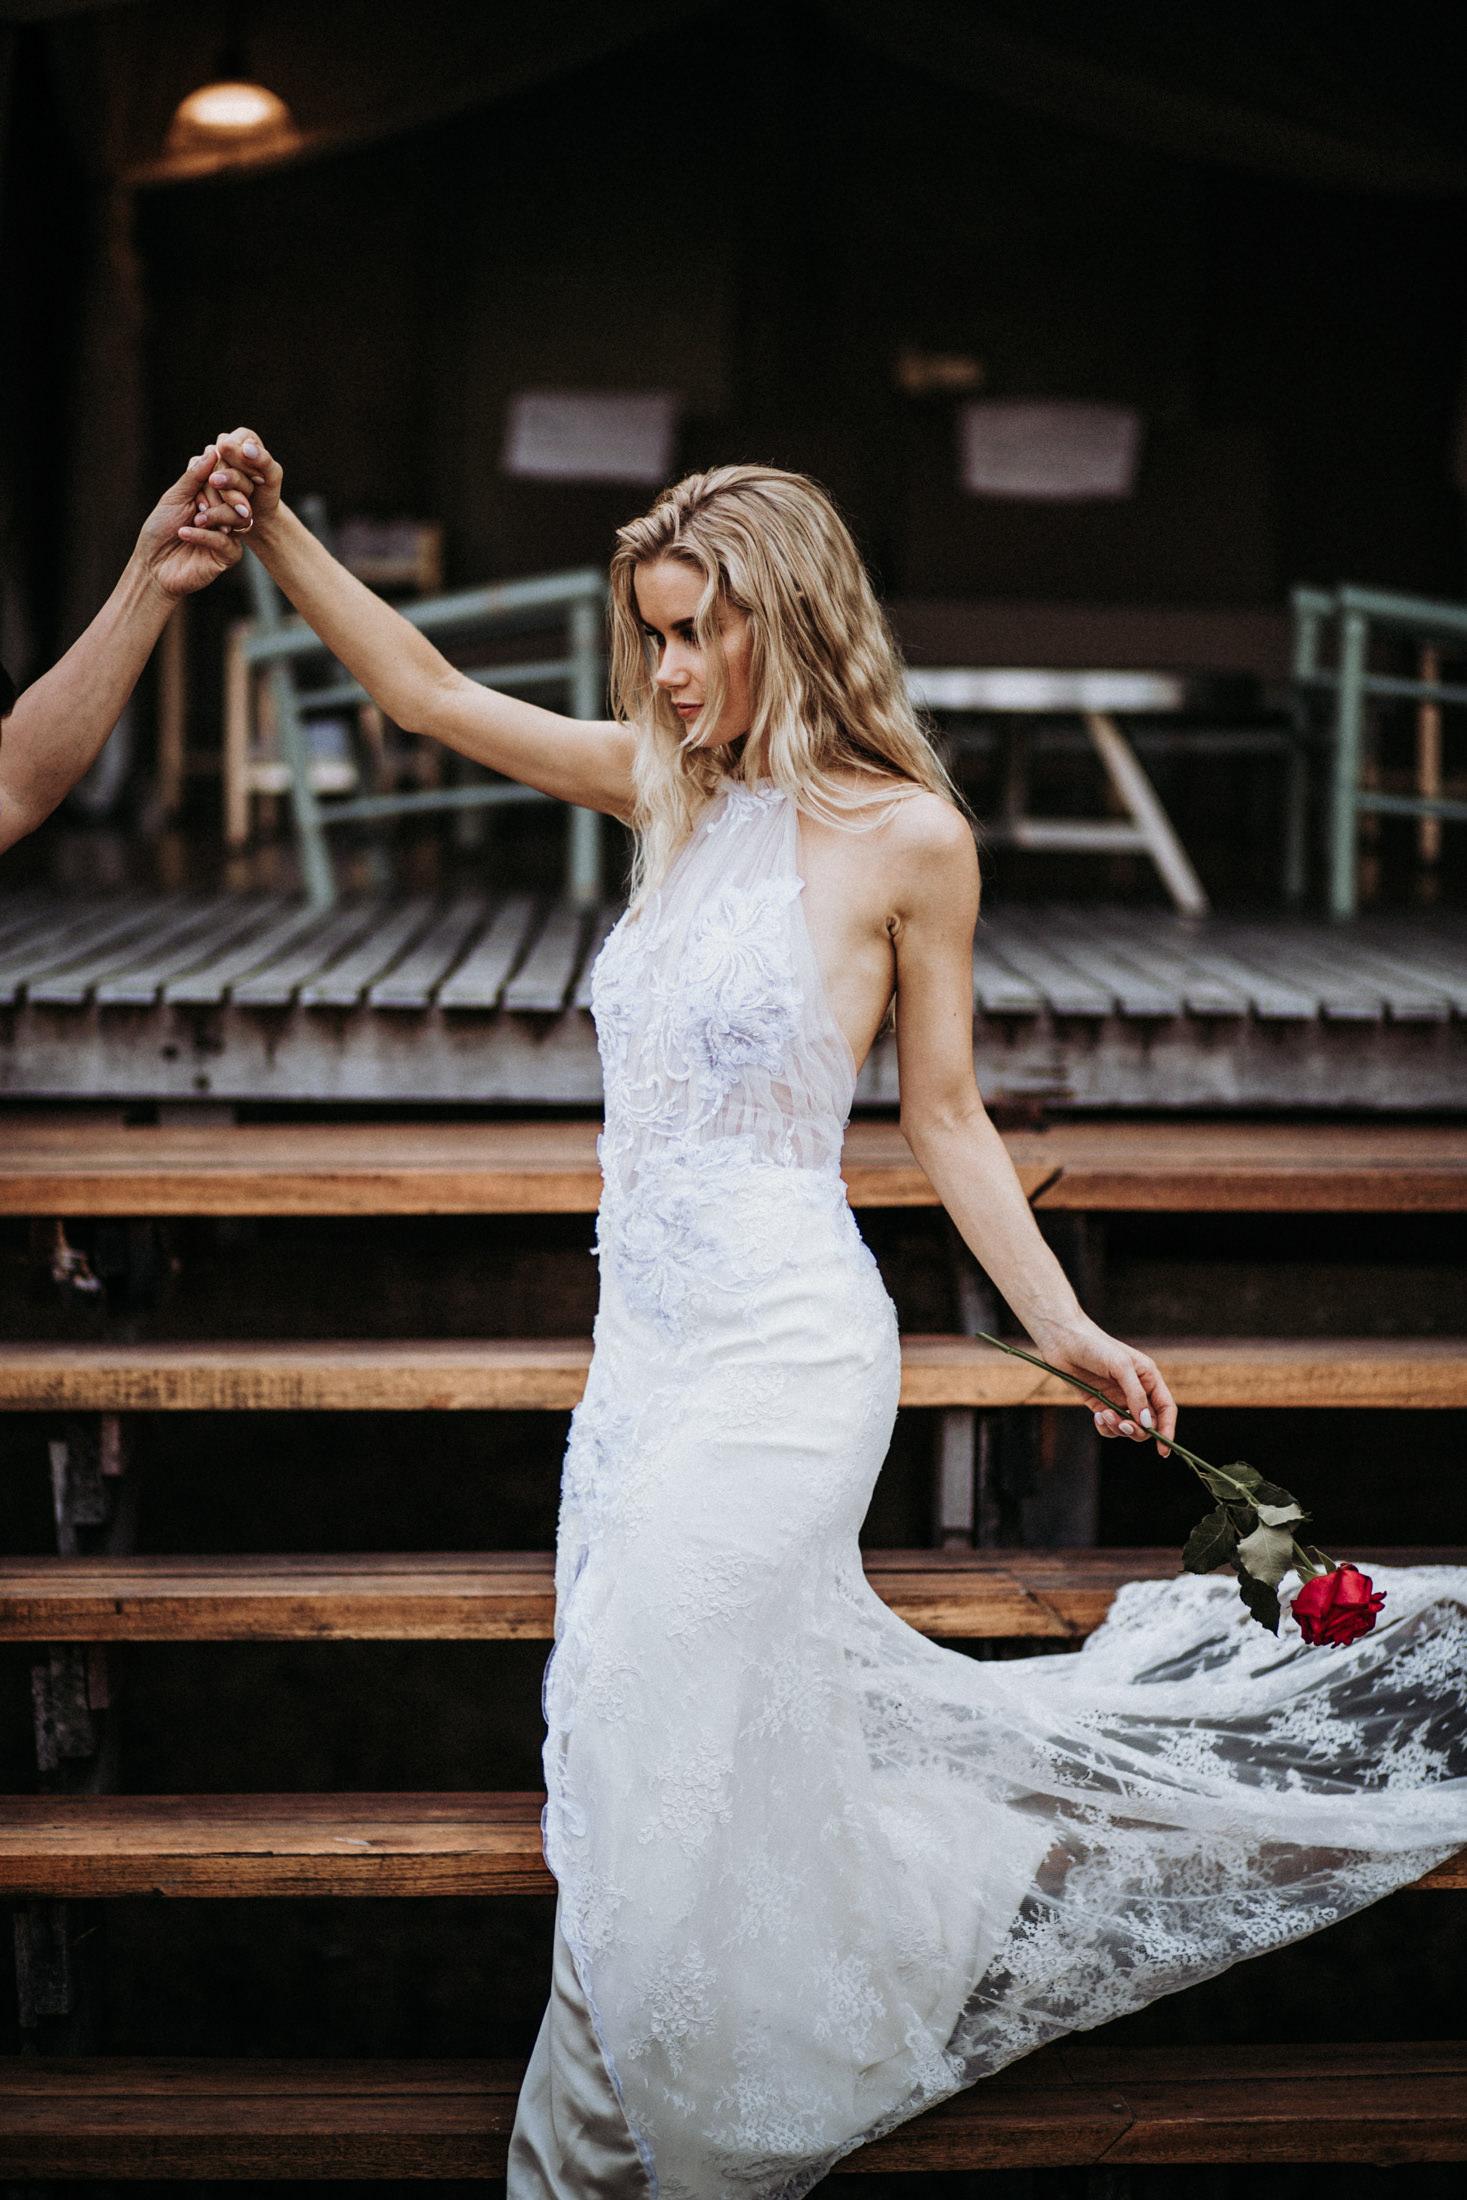 DanielaMarquardt_Wedding_Thailand_482